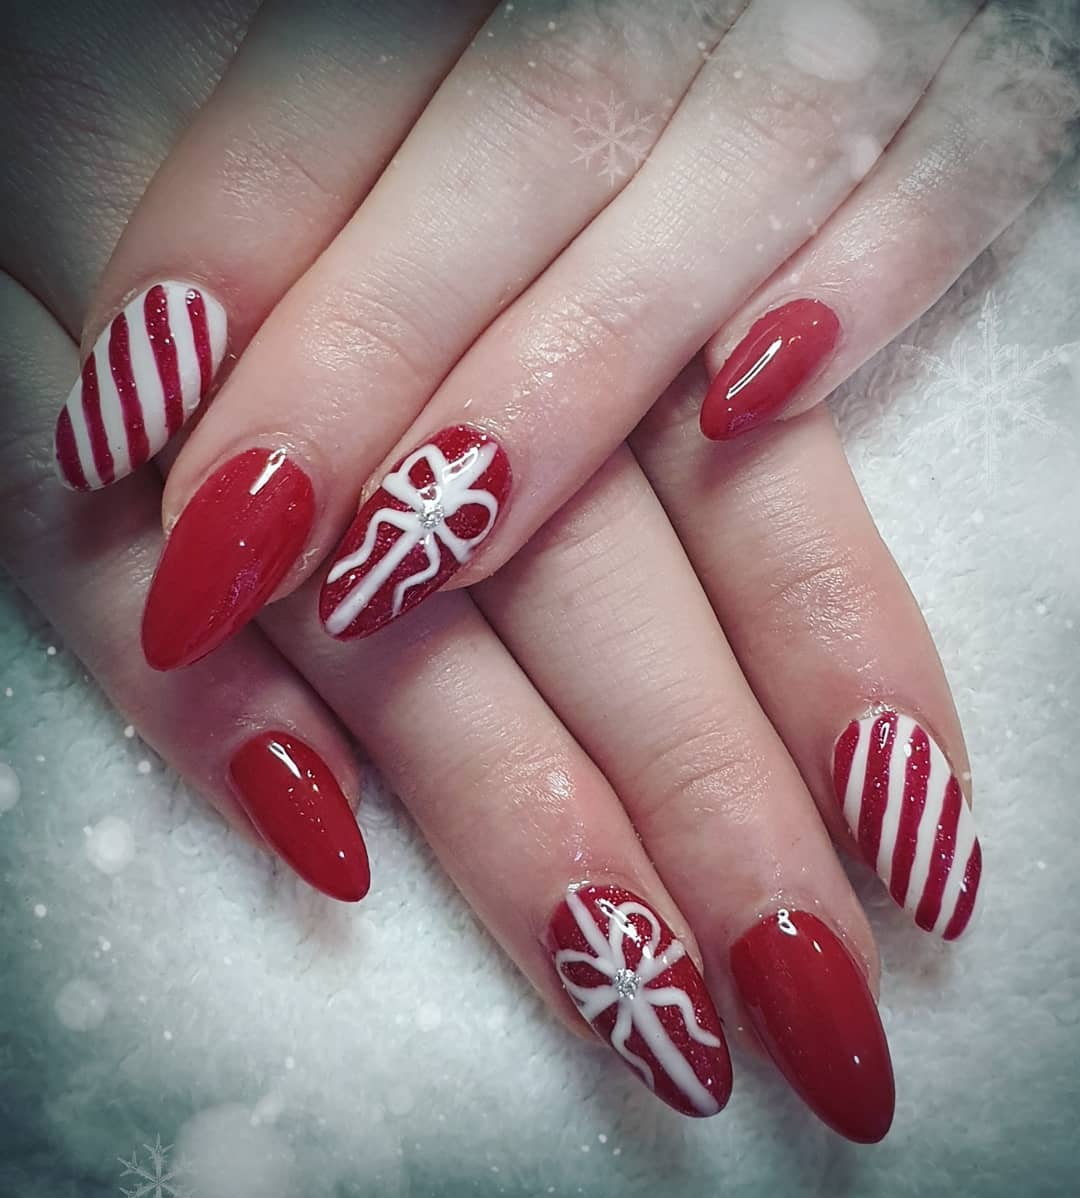 Holly jolly Christmas nails